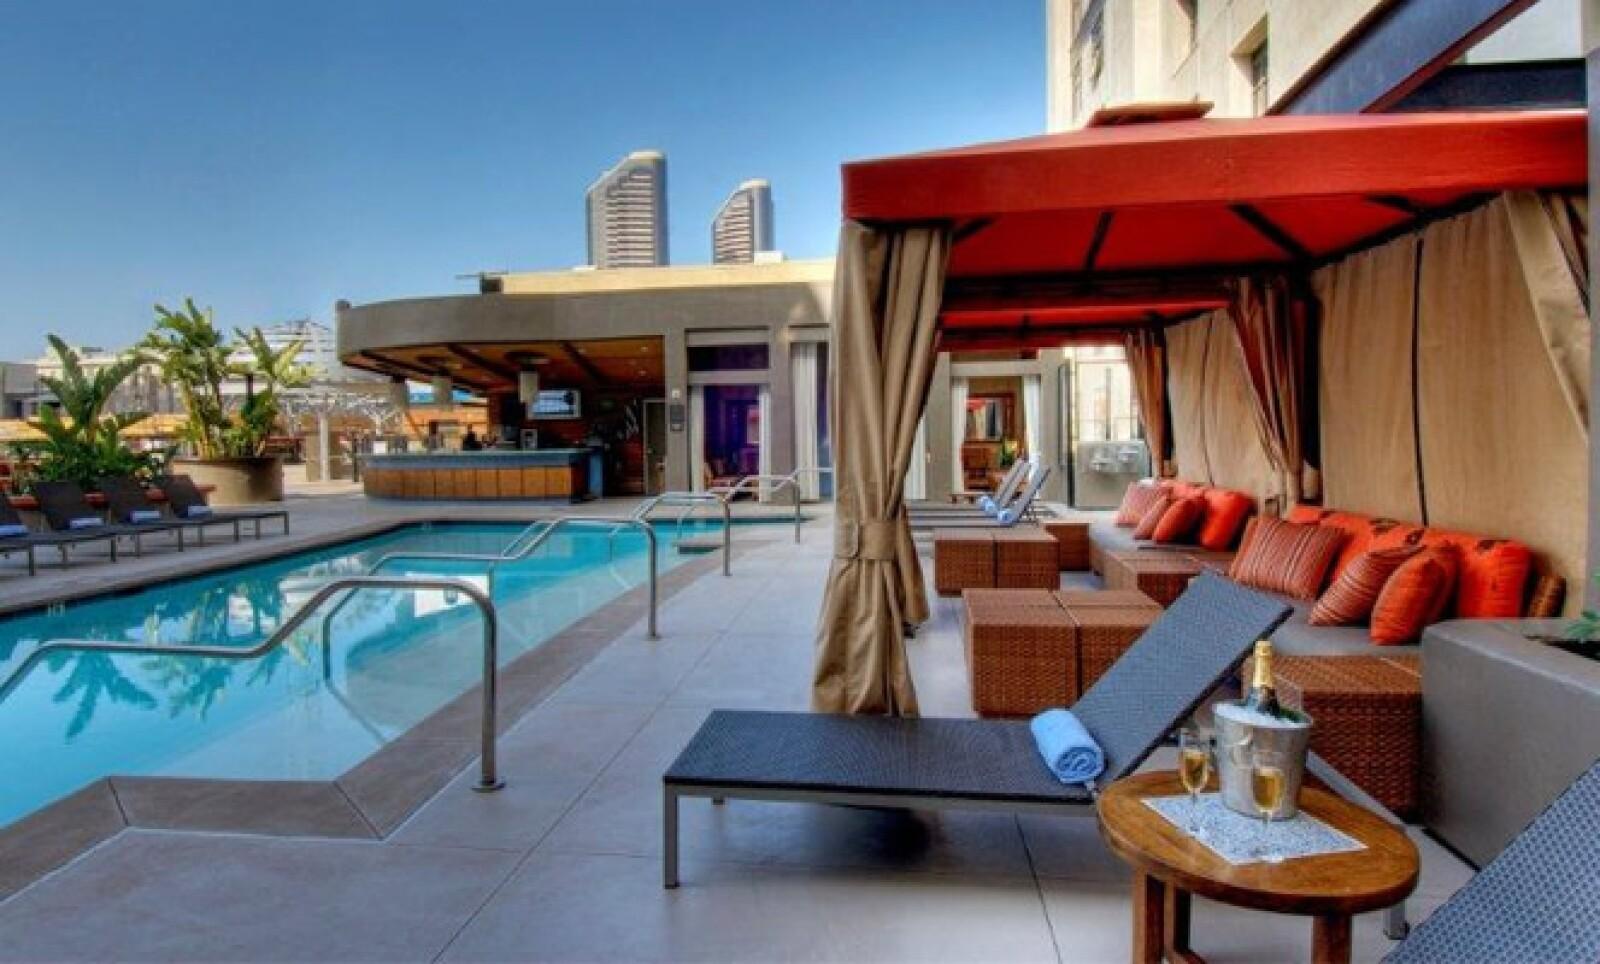 El Hotel Solamar de San Diego está dando a los huéspedes la oportunidad de experimentar las olas con un paquete que incluye clases de surfeo profesional en la Academia de Surf de Coronado.